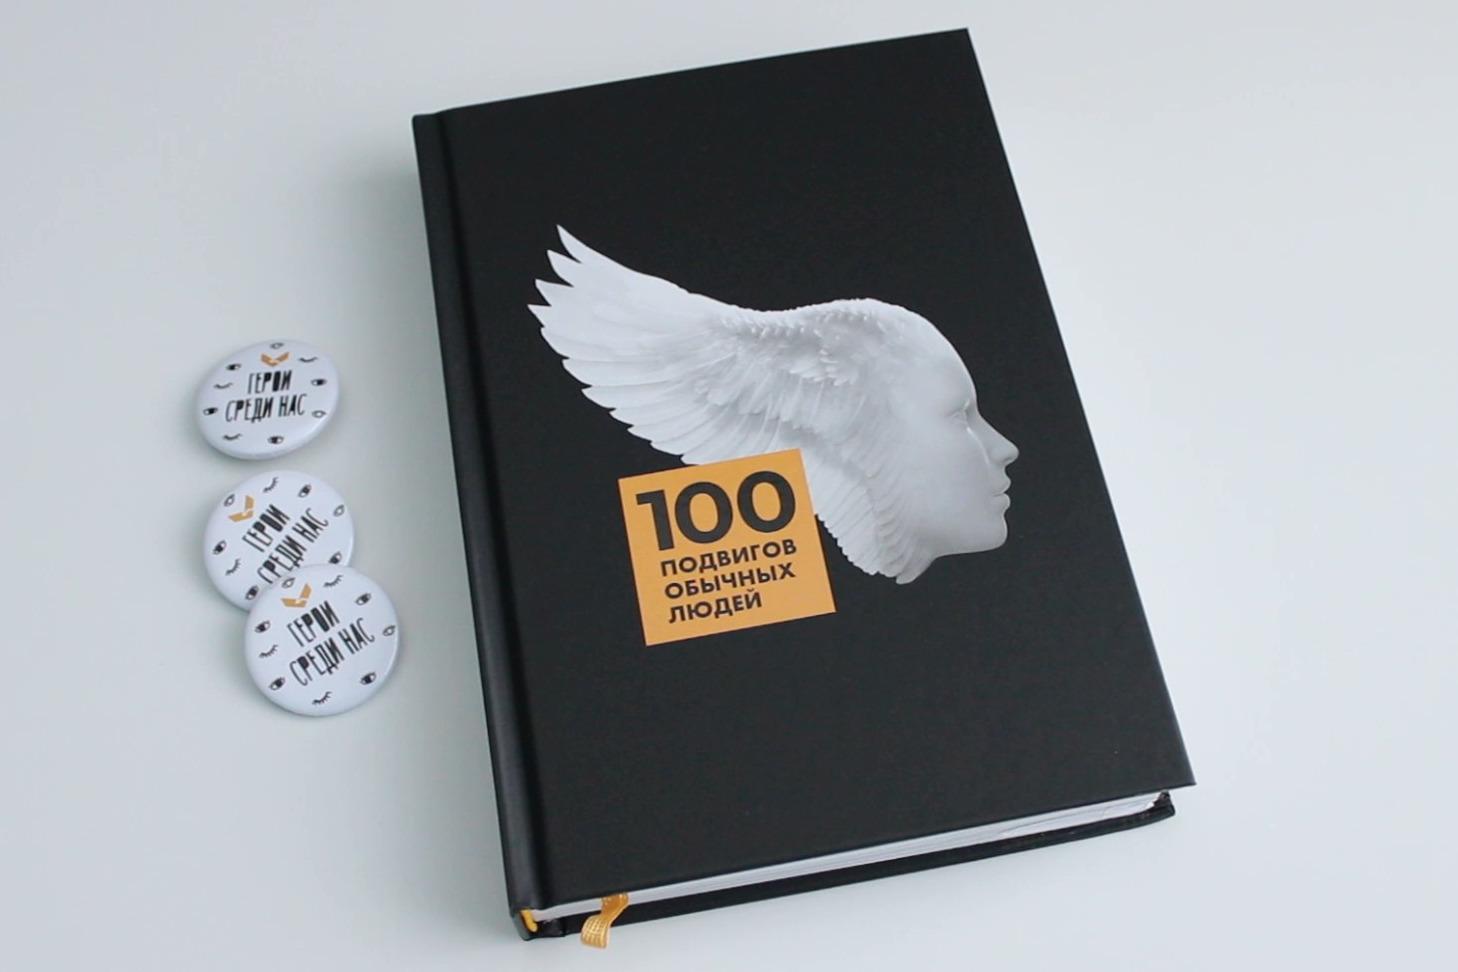 В книге собраны истории героев со всей страны